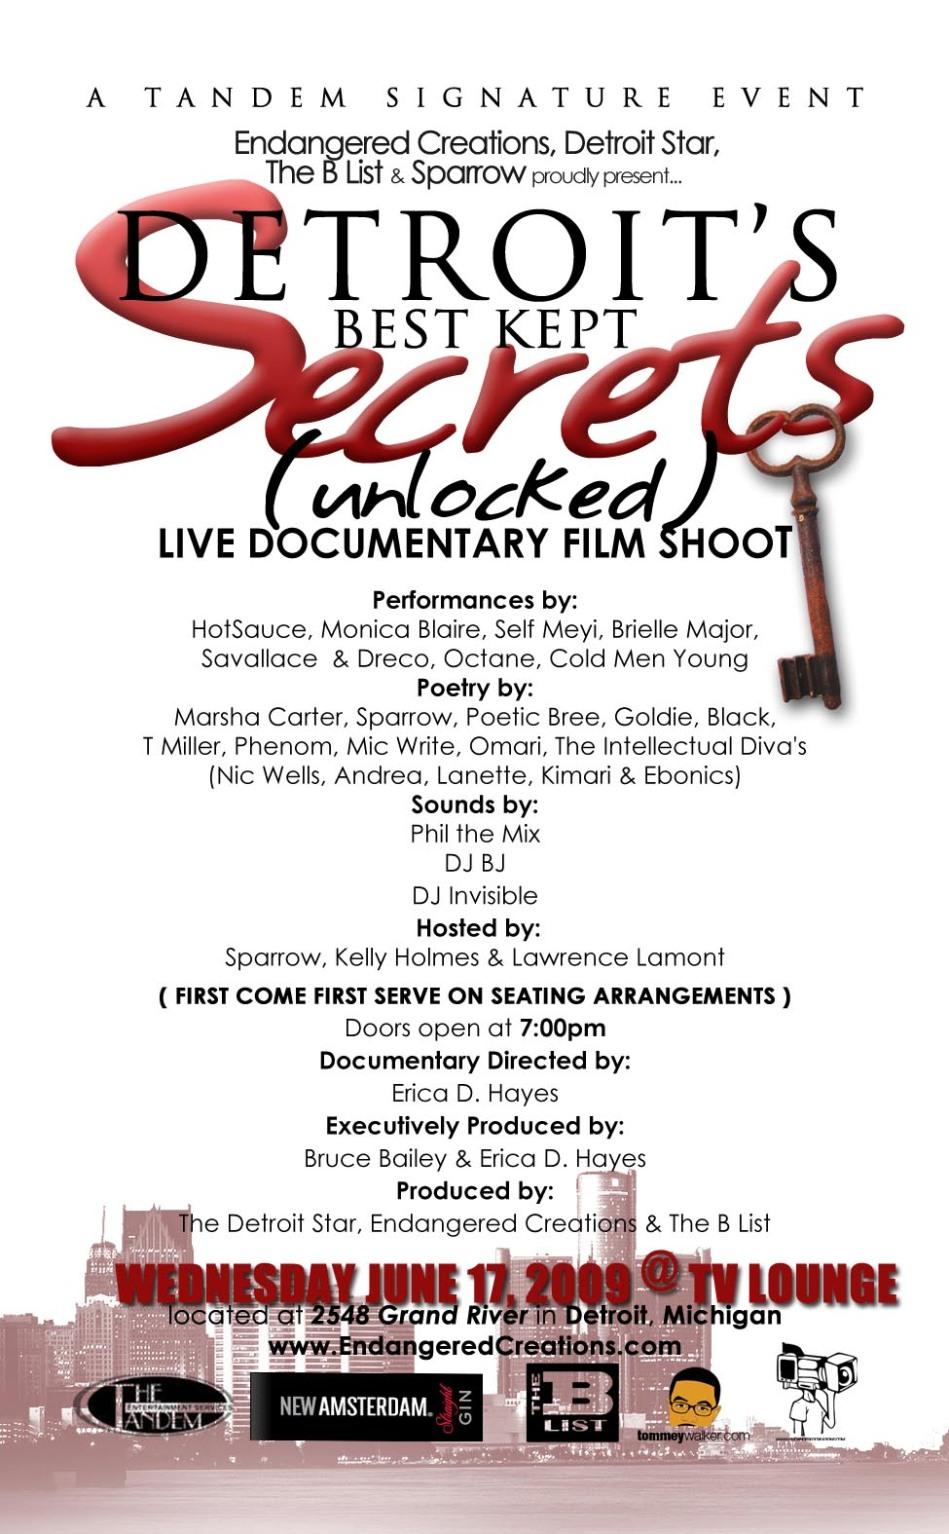 Detroit's Best Kept Secrets - Unlocked LIVE FILM SHOOT